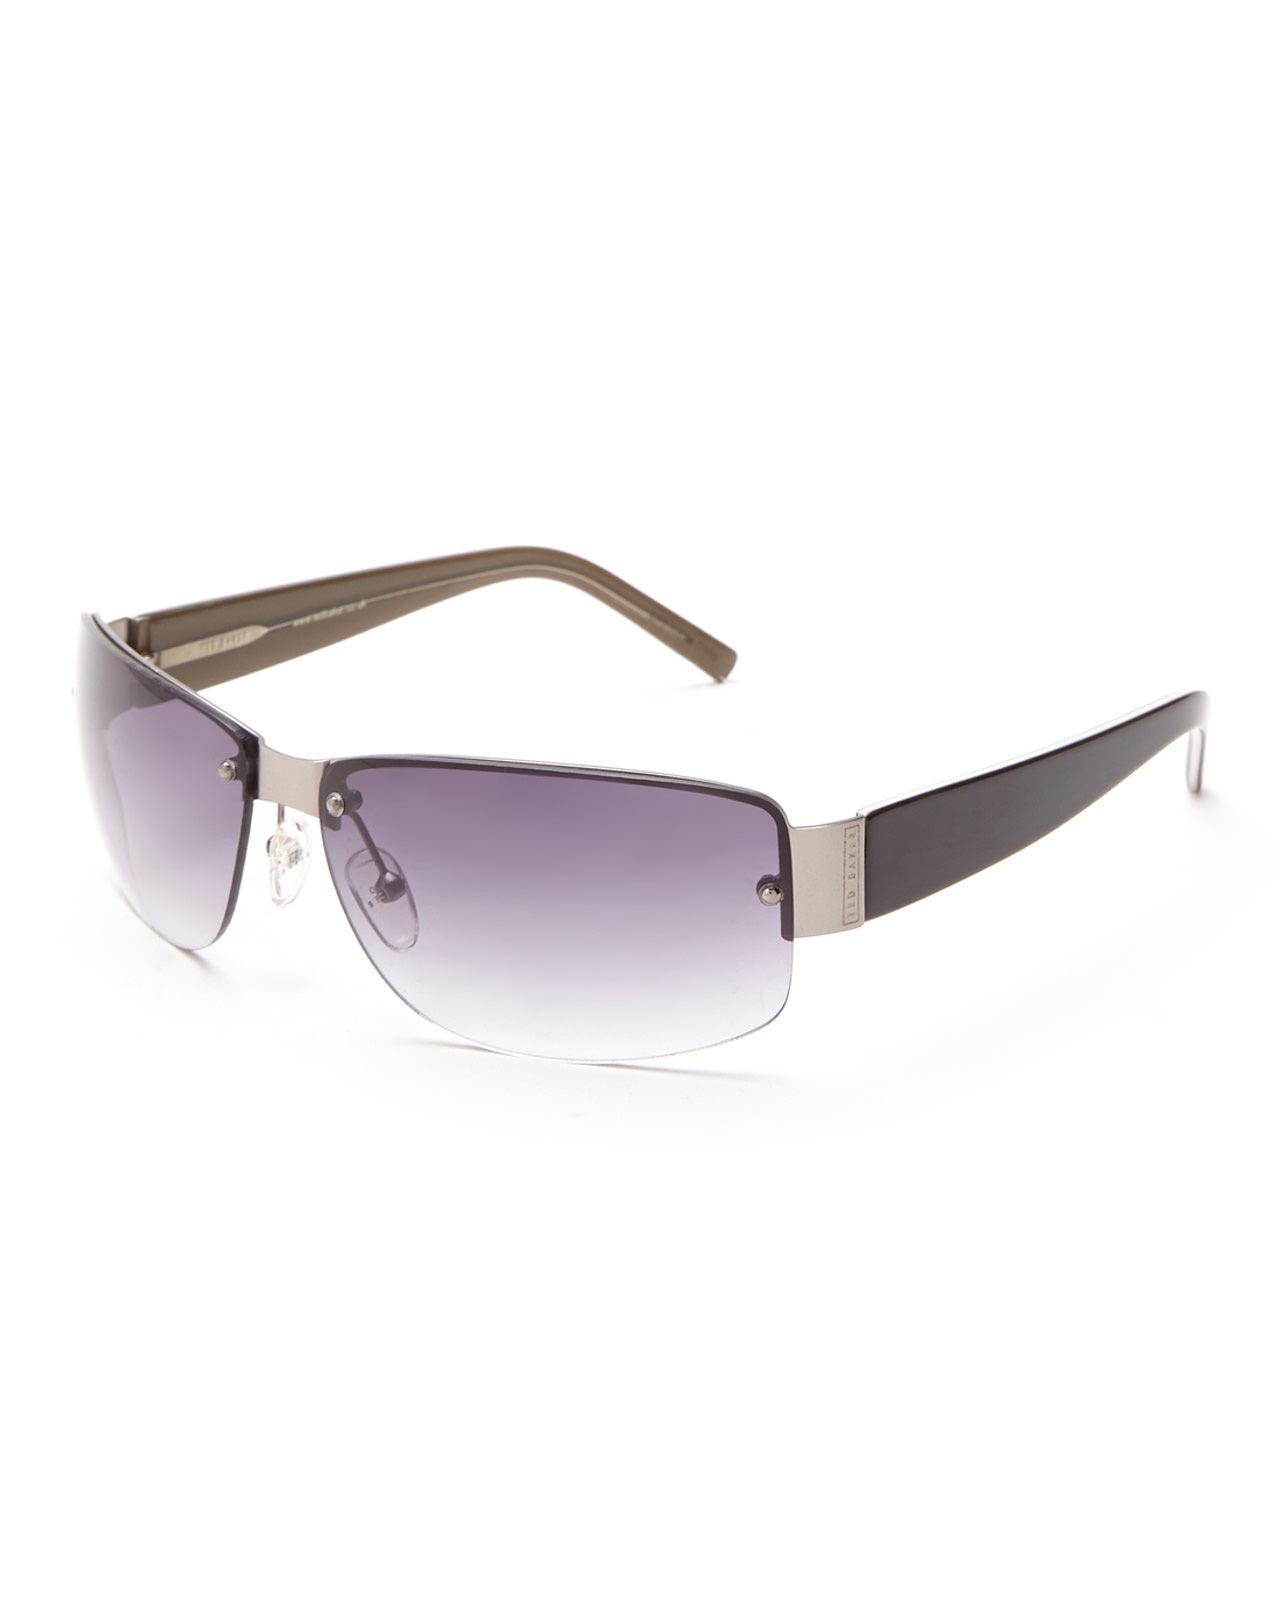 Rimless Rectangle Glasses : Ted baker B427 Gunmetal Rimless Rectangle Sunglasses in ...